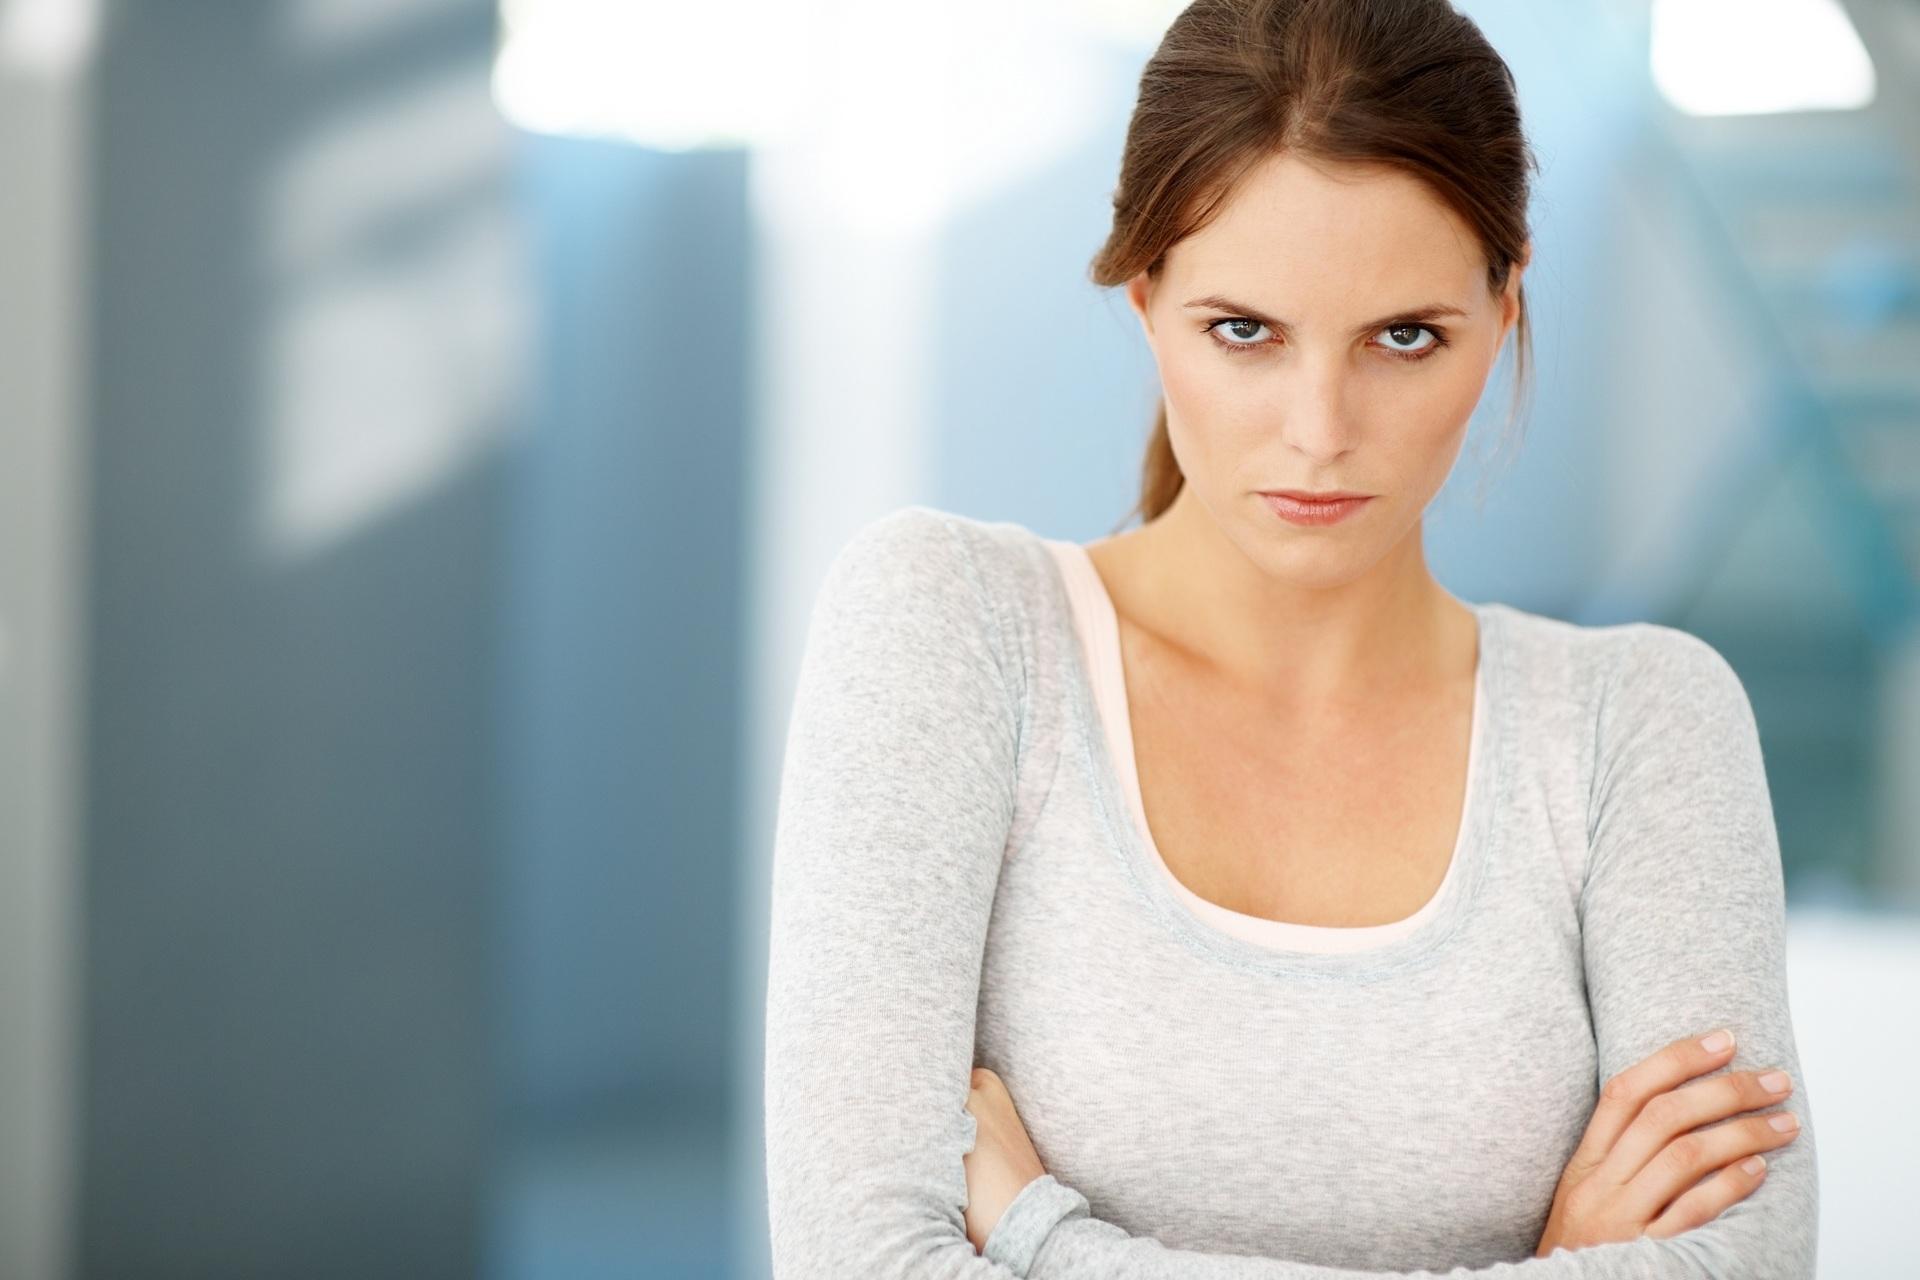 Картинка рассерженной девушки